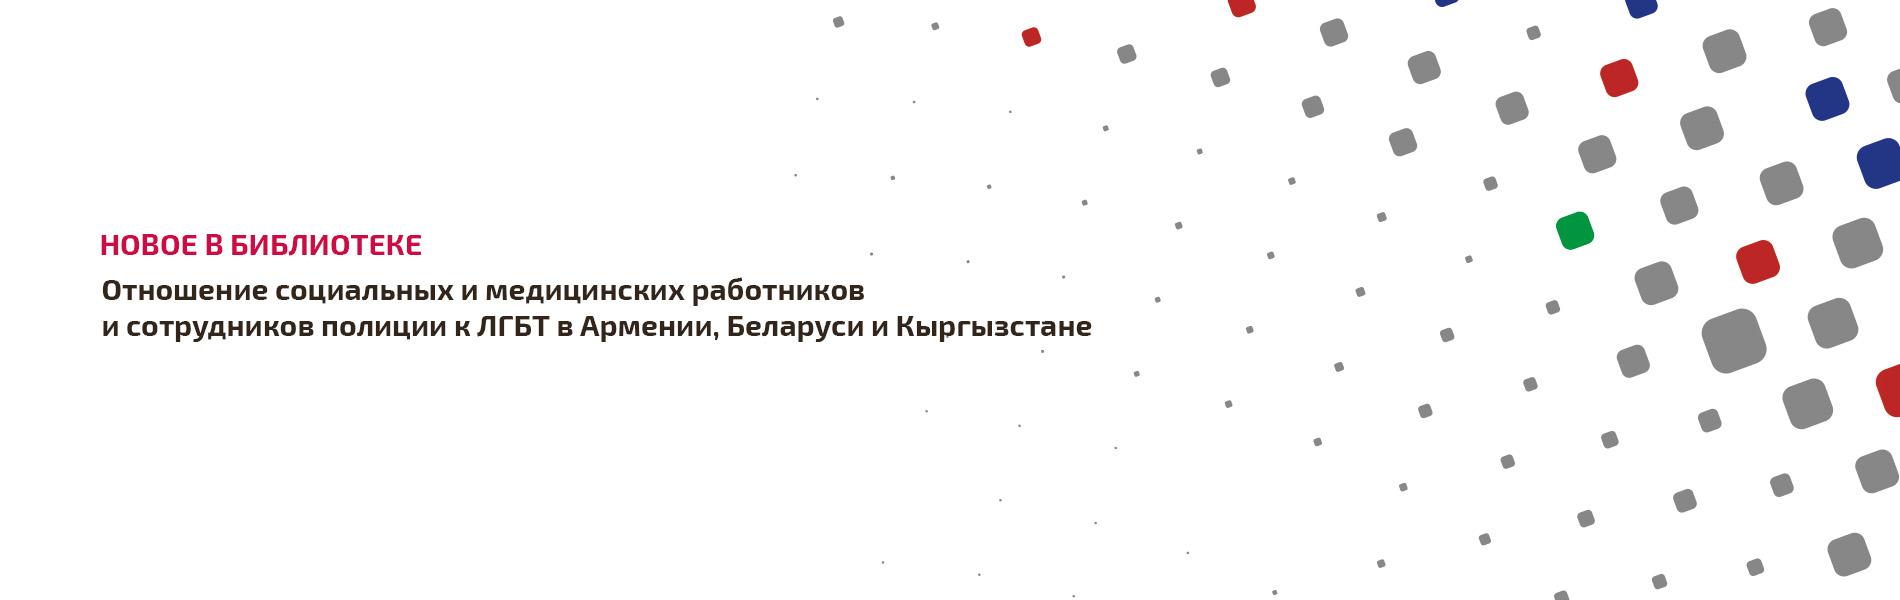 Краткое изложение основных результатов исследования отношения к ЛГБТ среди сотрудников ключевых социальных сервисов пяти стран Центральной и Восточной Европы и Центральной Азии в рамках Региональной программы ЕКОМ «Право на здоровье»